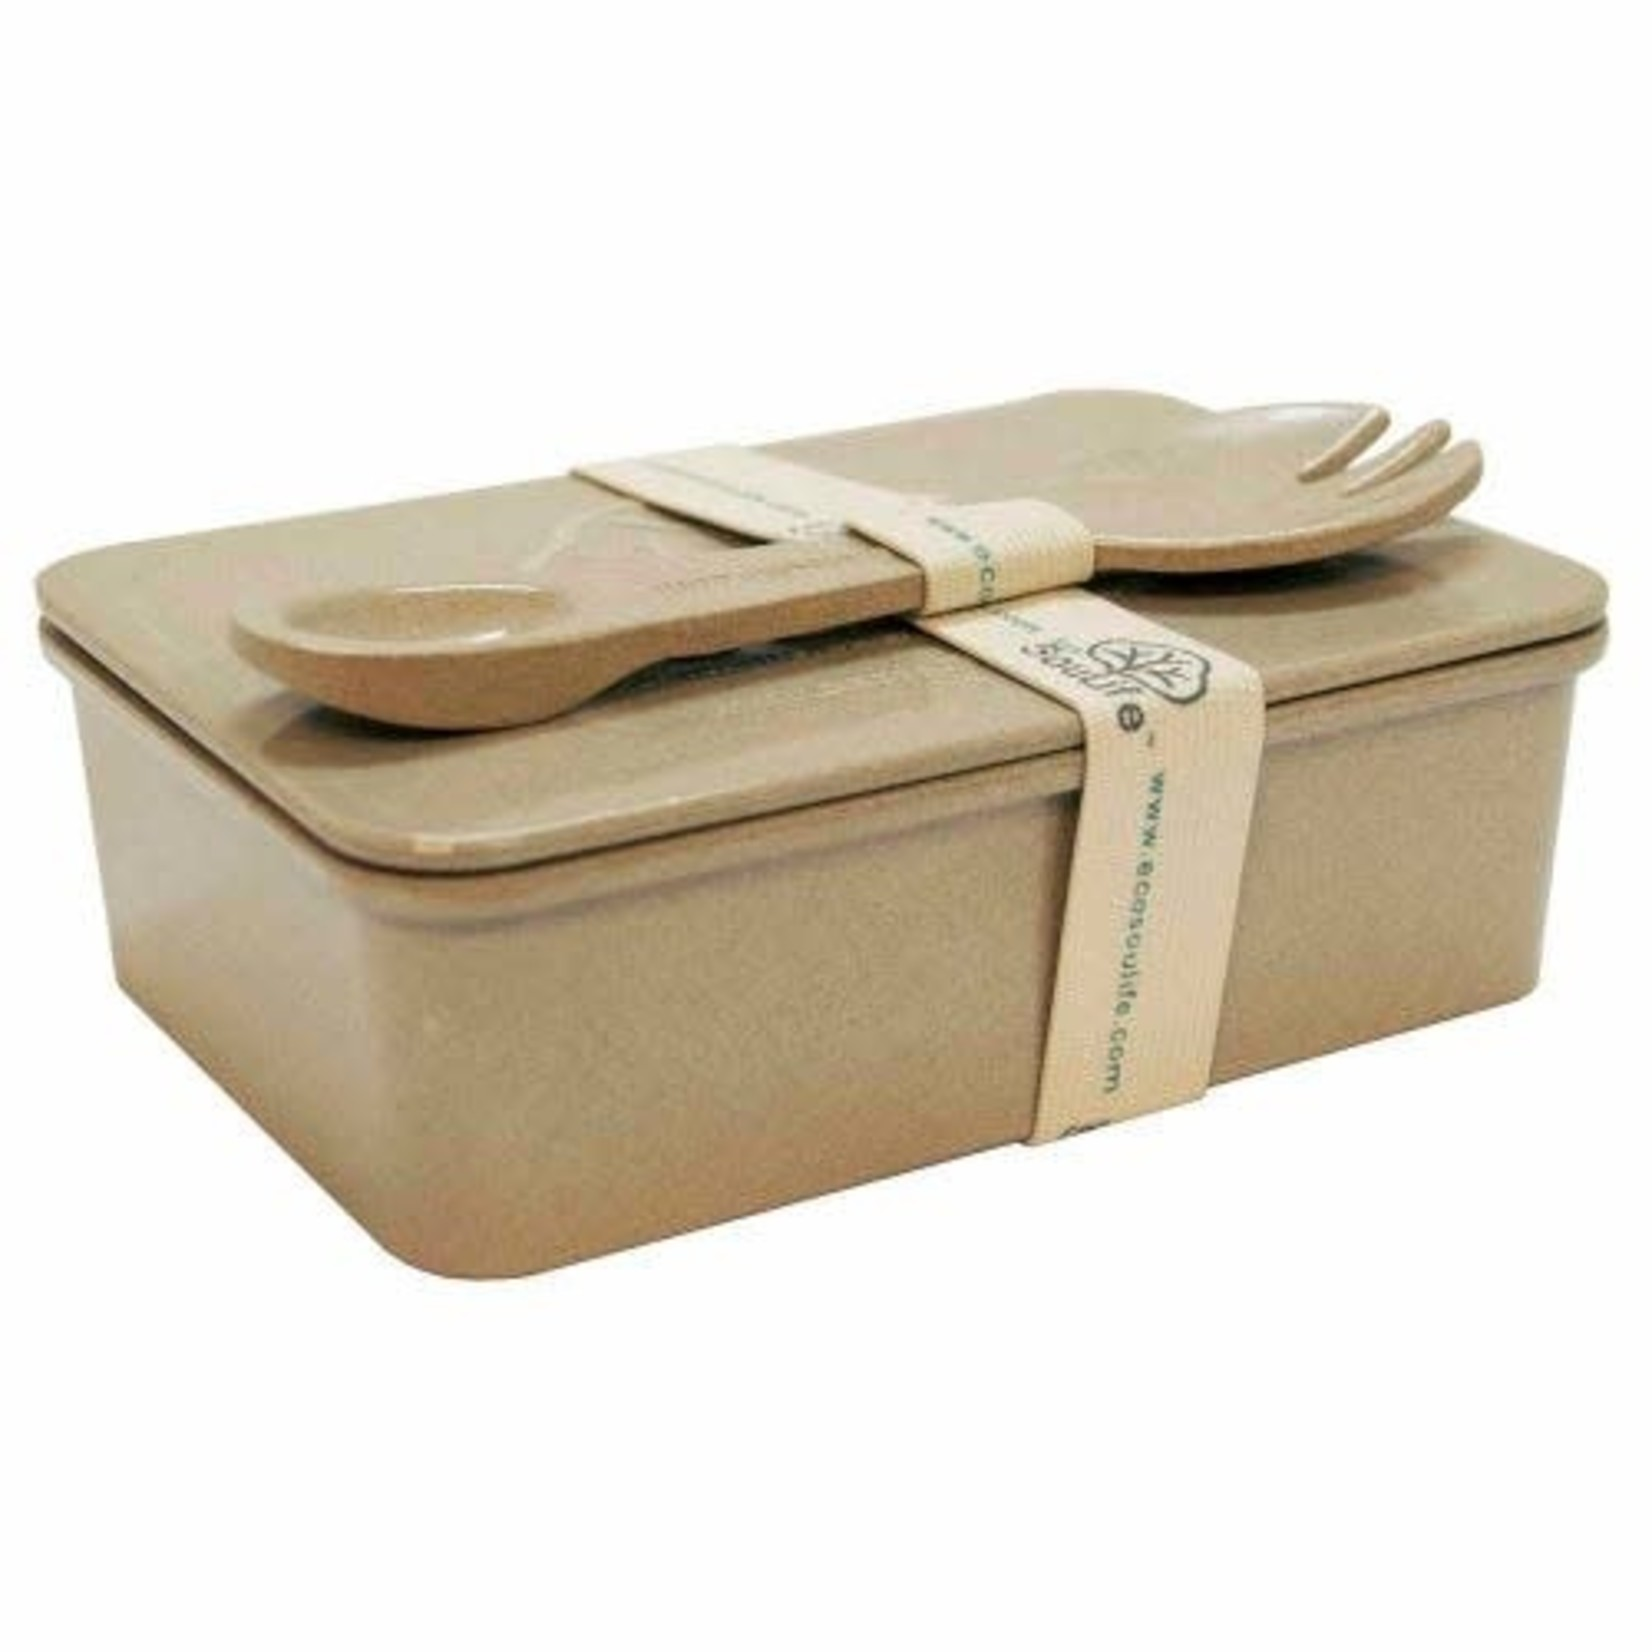 EcoSoulife EcoSoulife Rice Husk Box & Spork set